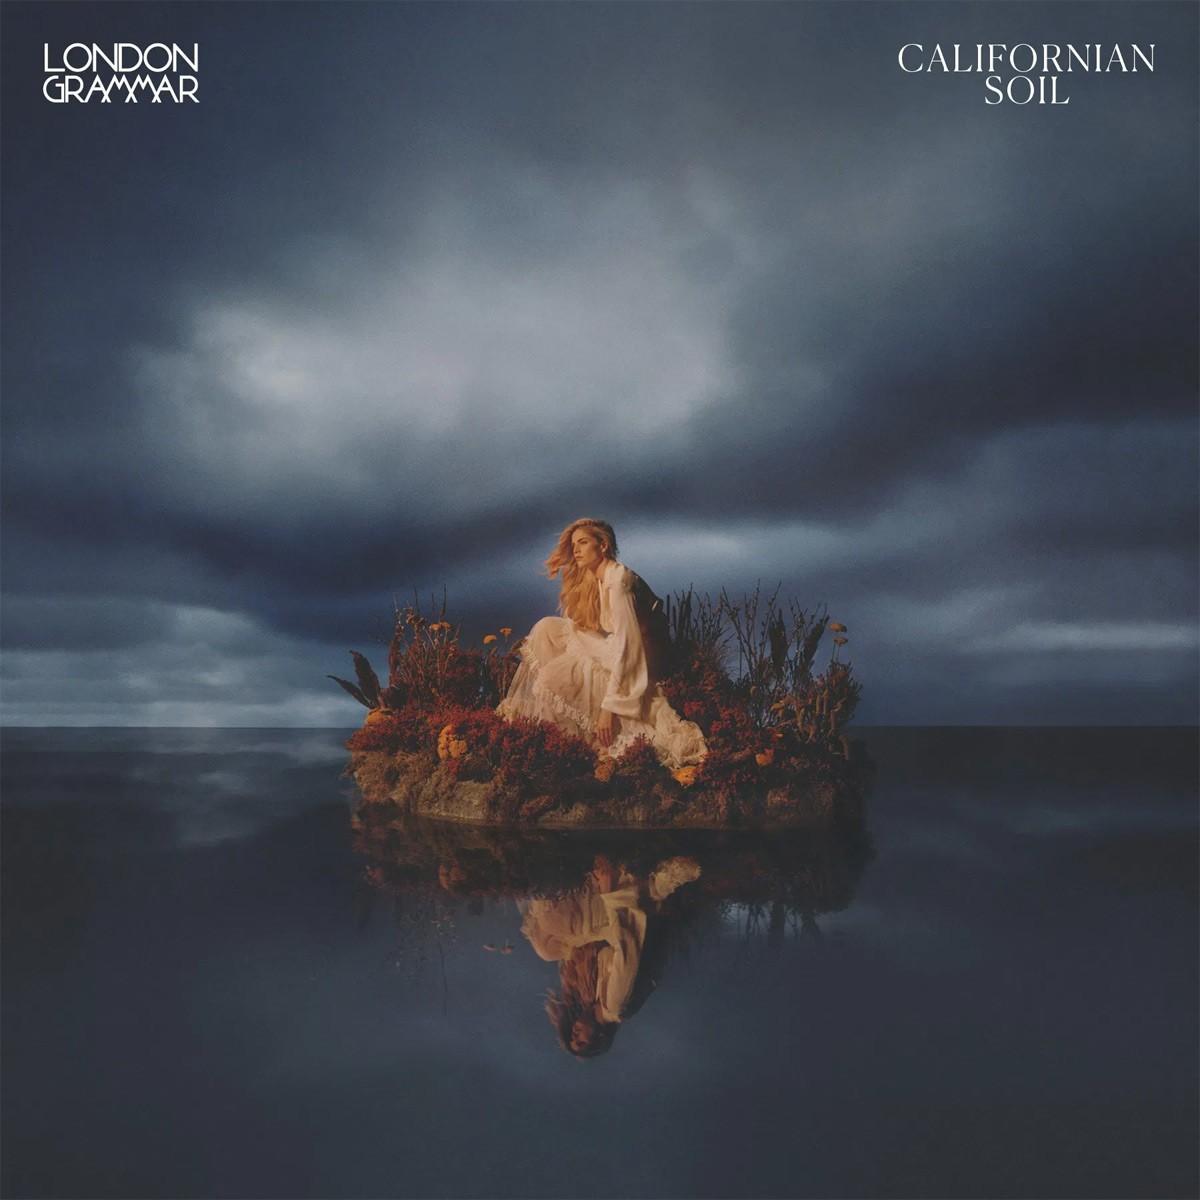 Capa do CD Californian Soil, da banda London Grammar. Na capa, vemos uma mulher loira sentada em pedras, acima do mar. No canto superior esquerdo, está escrito London Grammar, em fonte branca, e no canto superior direito, Californian Soil.